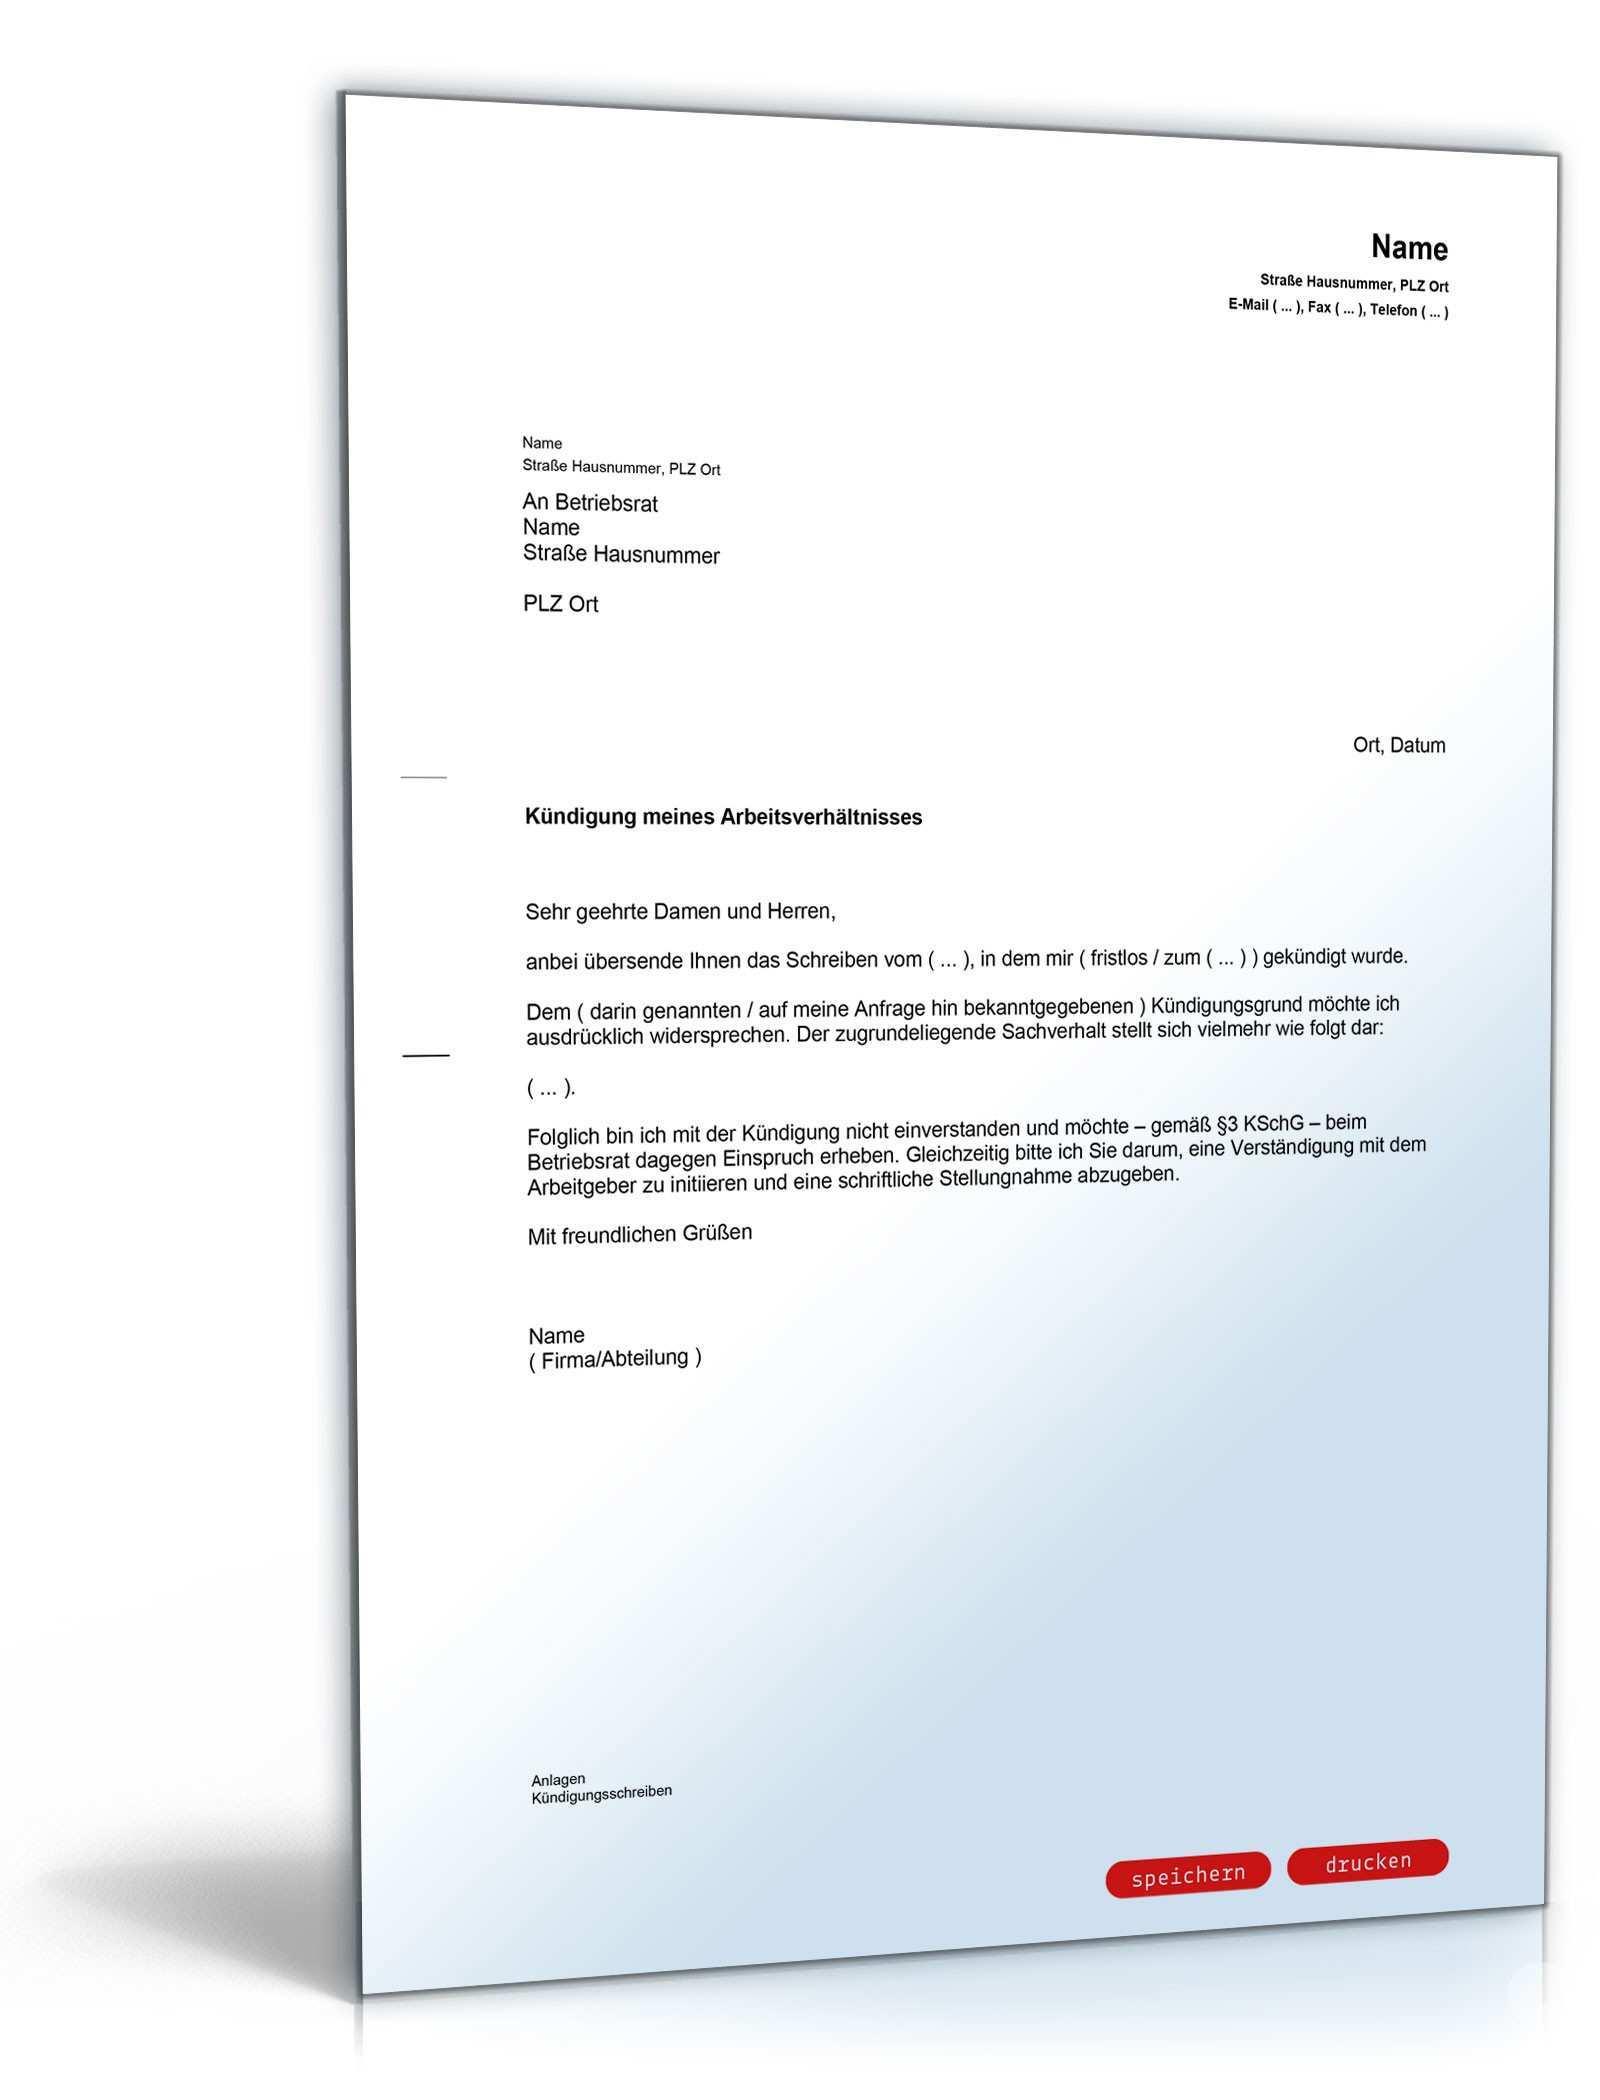 Einspruch Gegen Kundigung Beim Betriebsrat Muster Zum Download